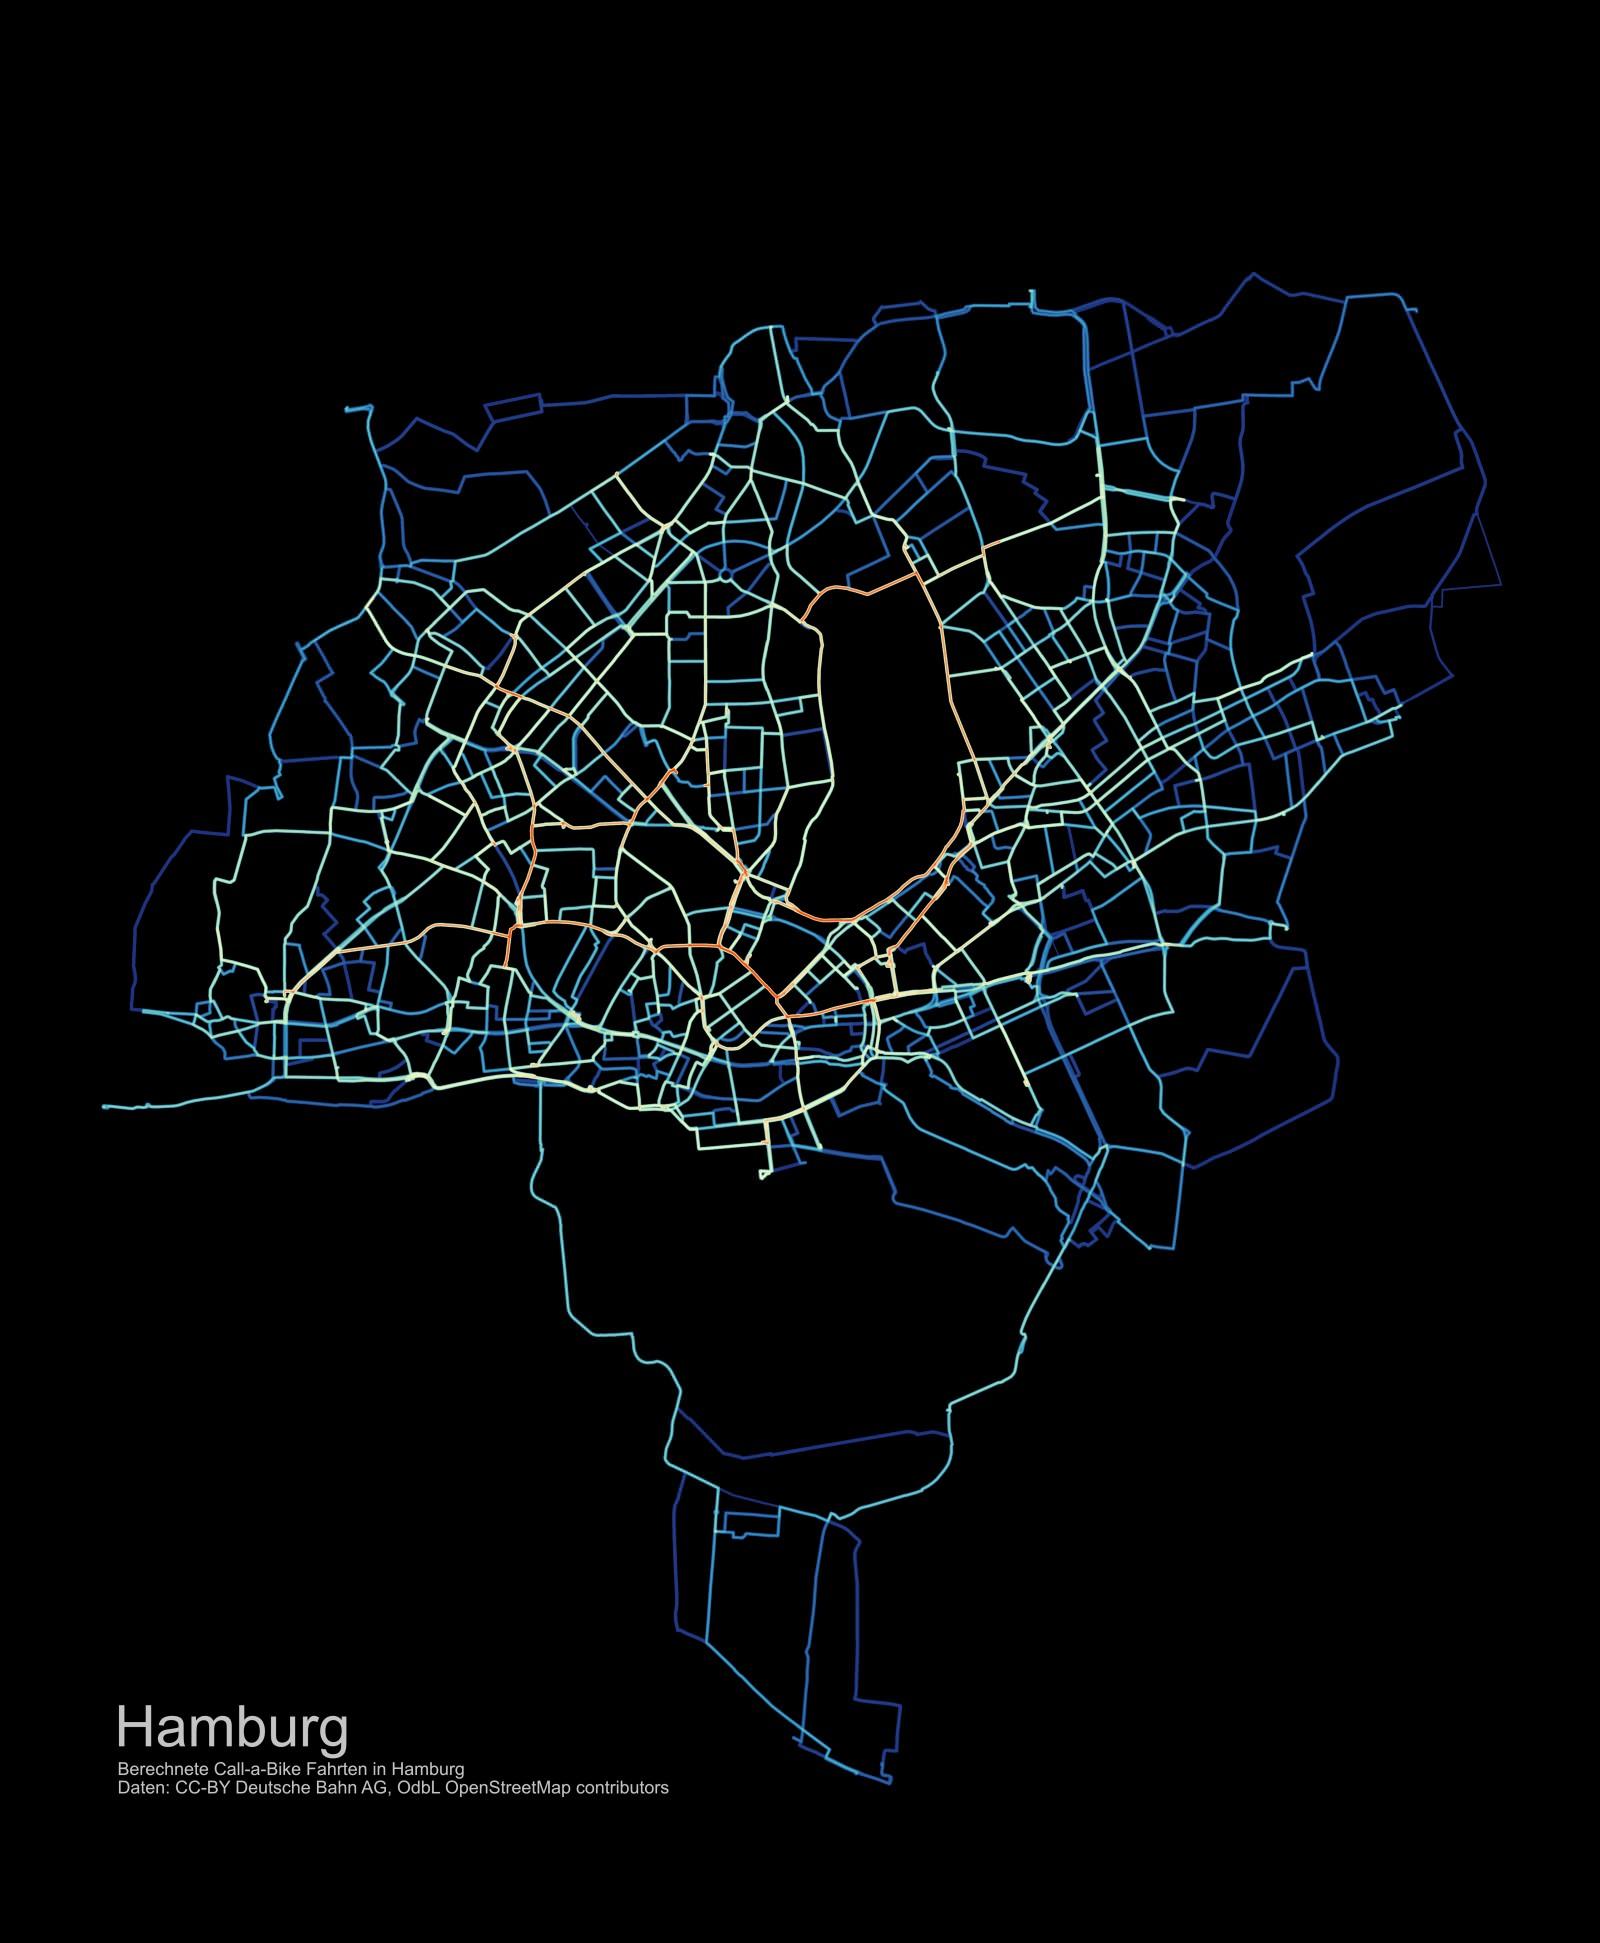 Stadtrad Call A Bike Ausleihvorgänge Hamburg Visualisierung Bikesharing Routen 2014 2015 2016 2017